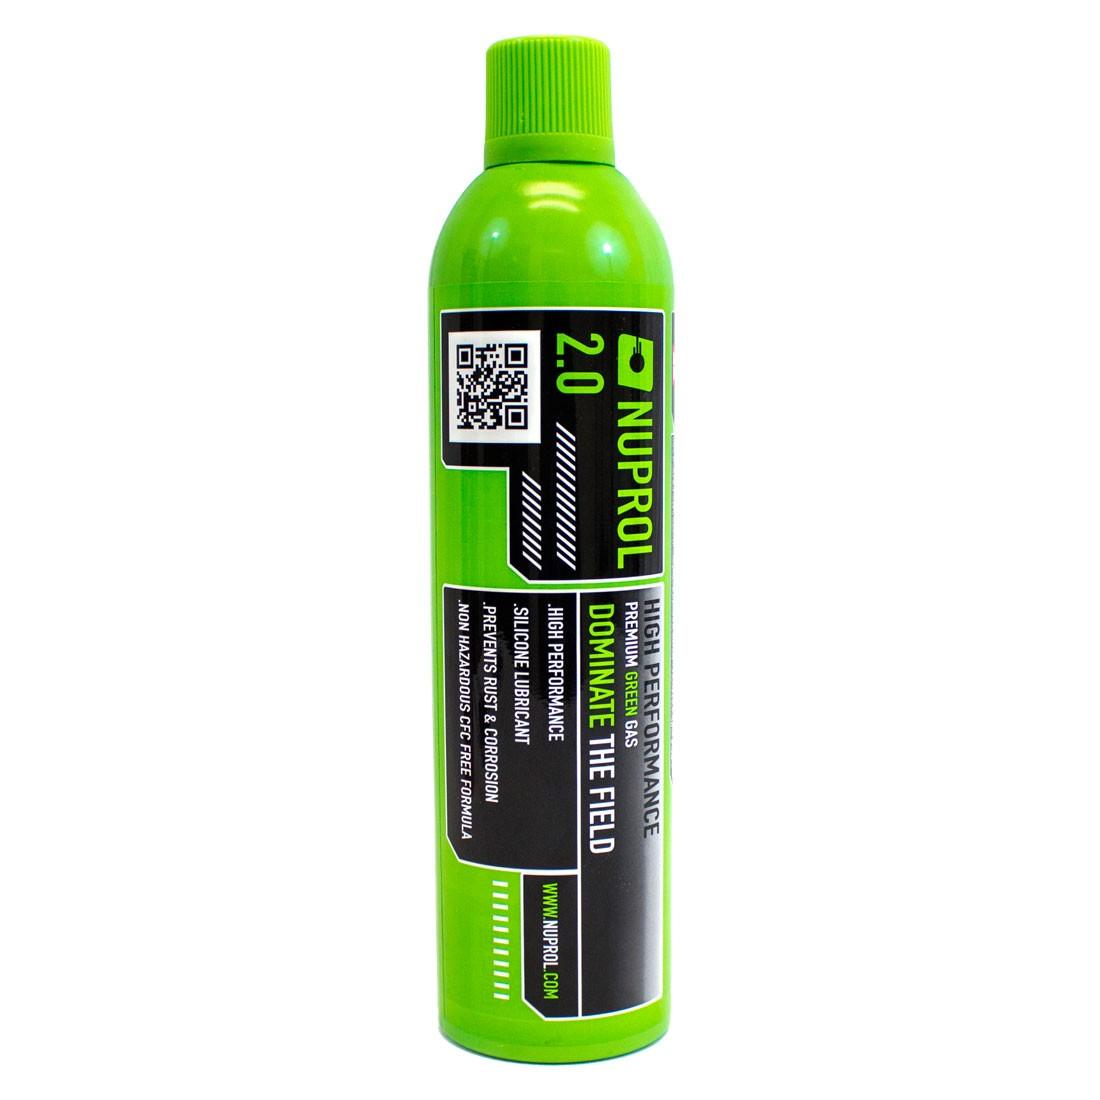 Nuprol 2.0 Mini Premium Green Gas 120ml (85g)